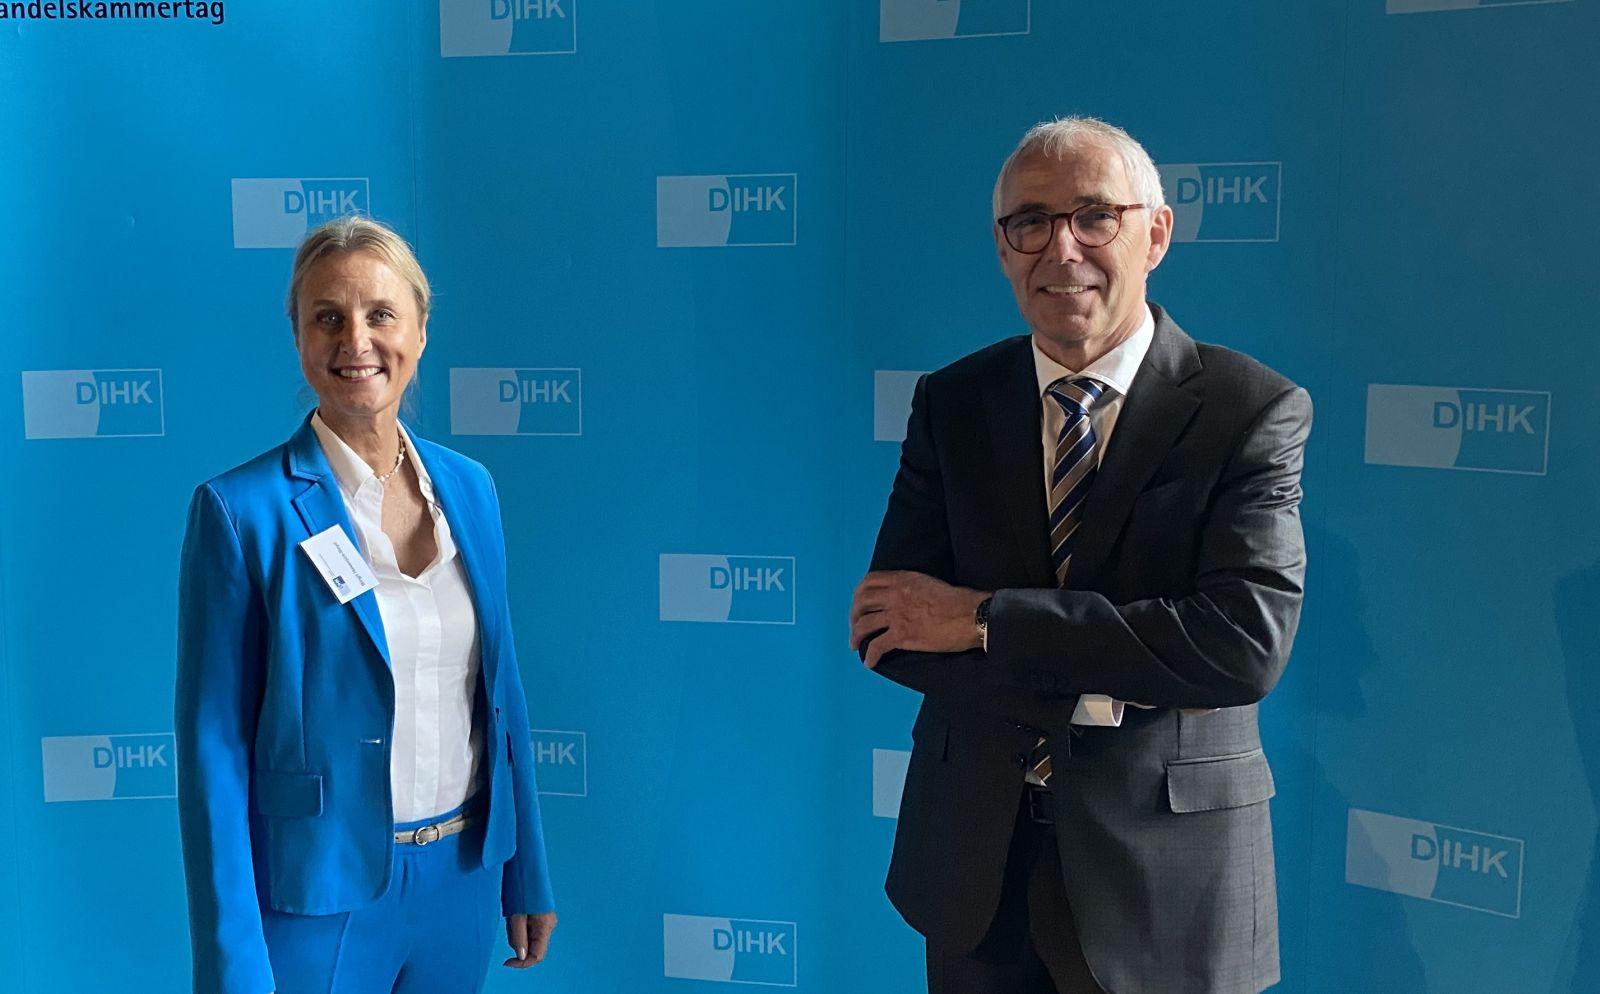 Birgit Hakenjos gratulierte Peter Adrian zu dessen Wahl zum DIHK-Präsidenten. Foto: pm